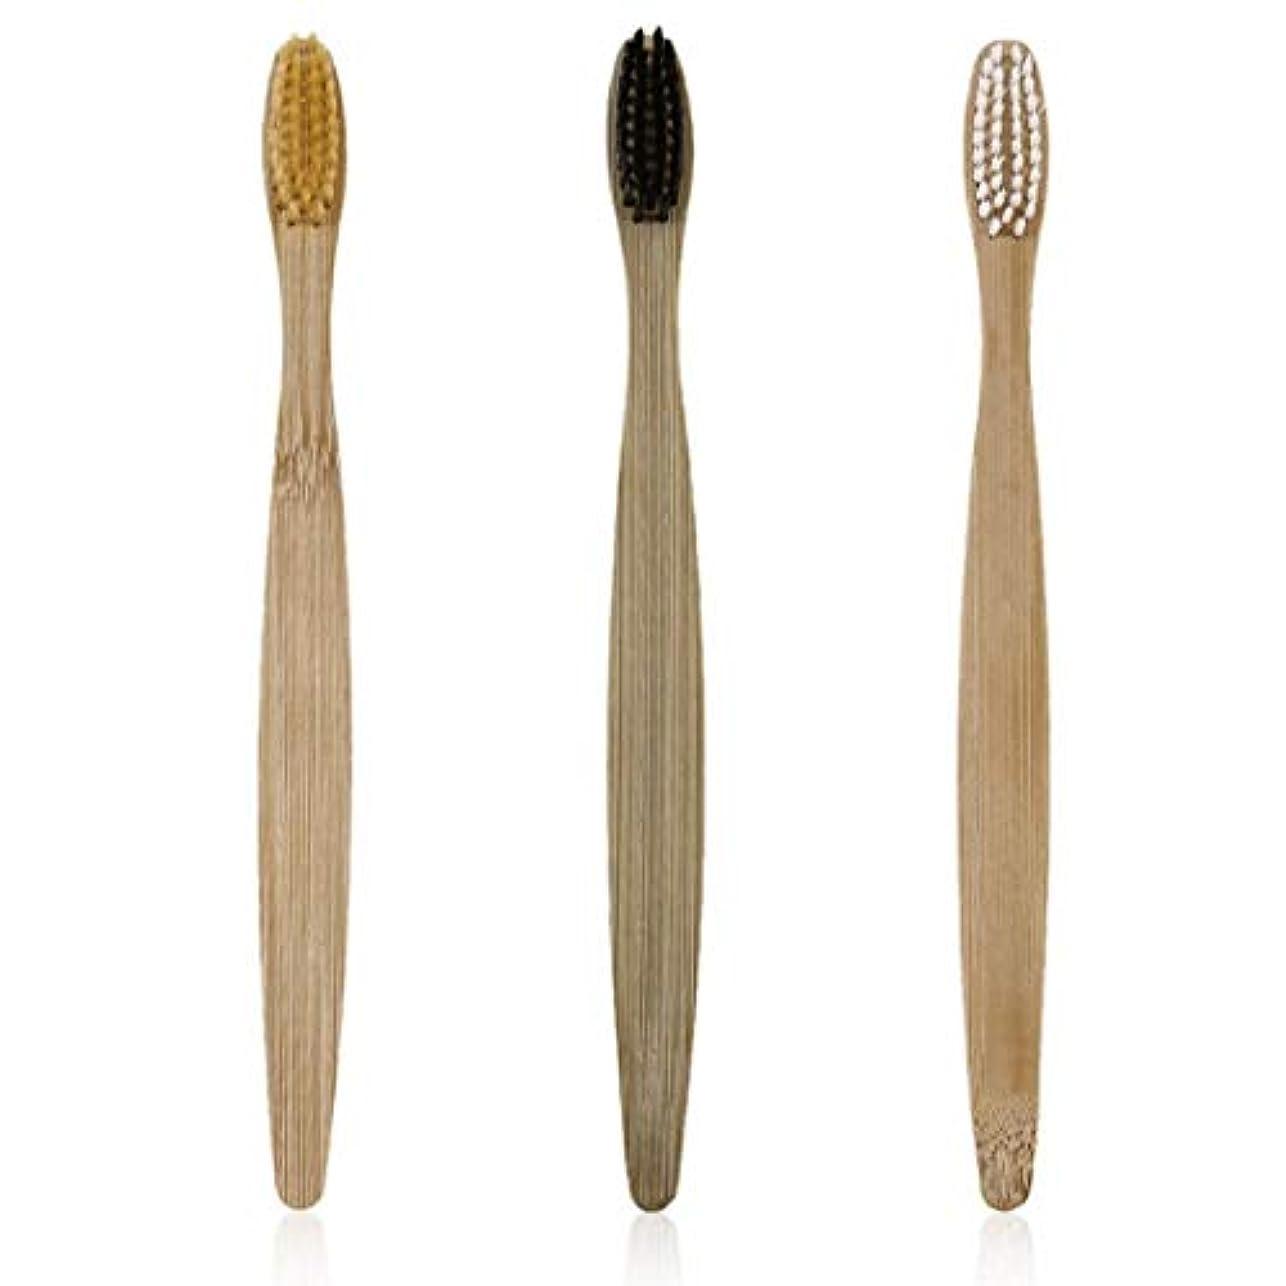 トロリー理想的には住む環境に優しい木製歯ブラシ竹歯ブラシ柔らかい竹繊維 (3 pcs)